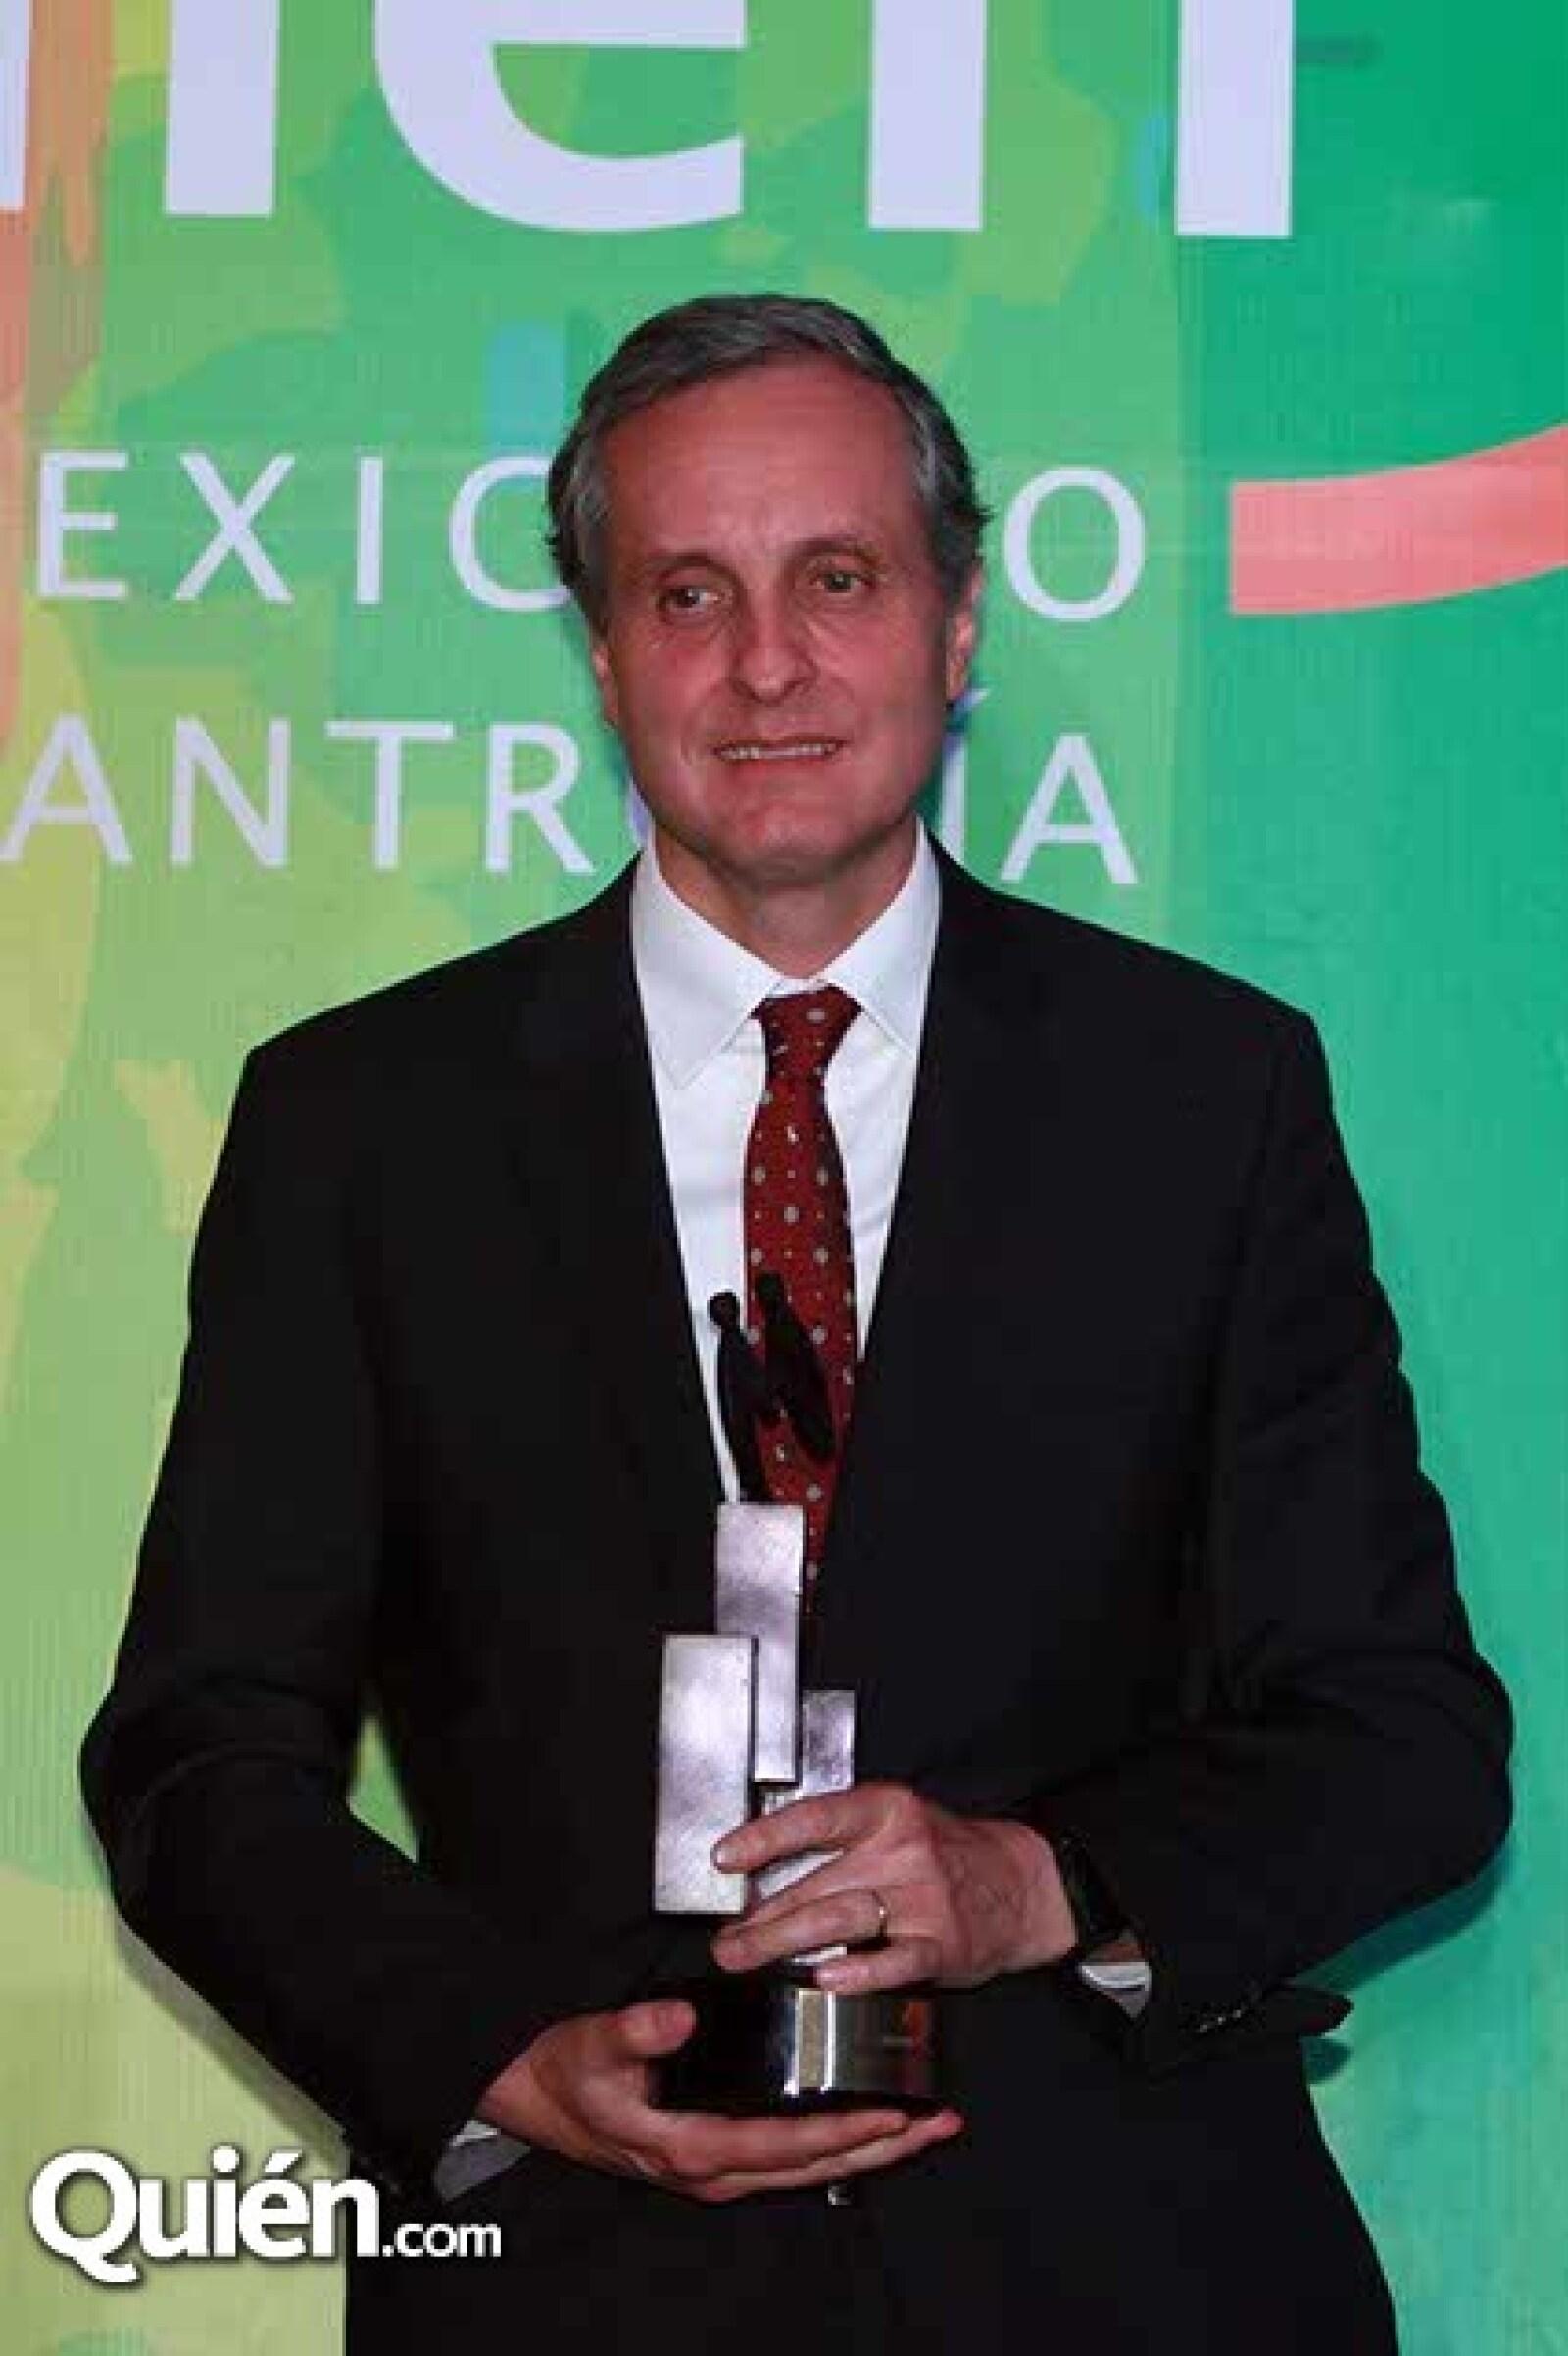 Daniel Servitje